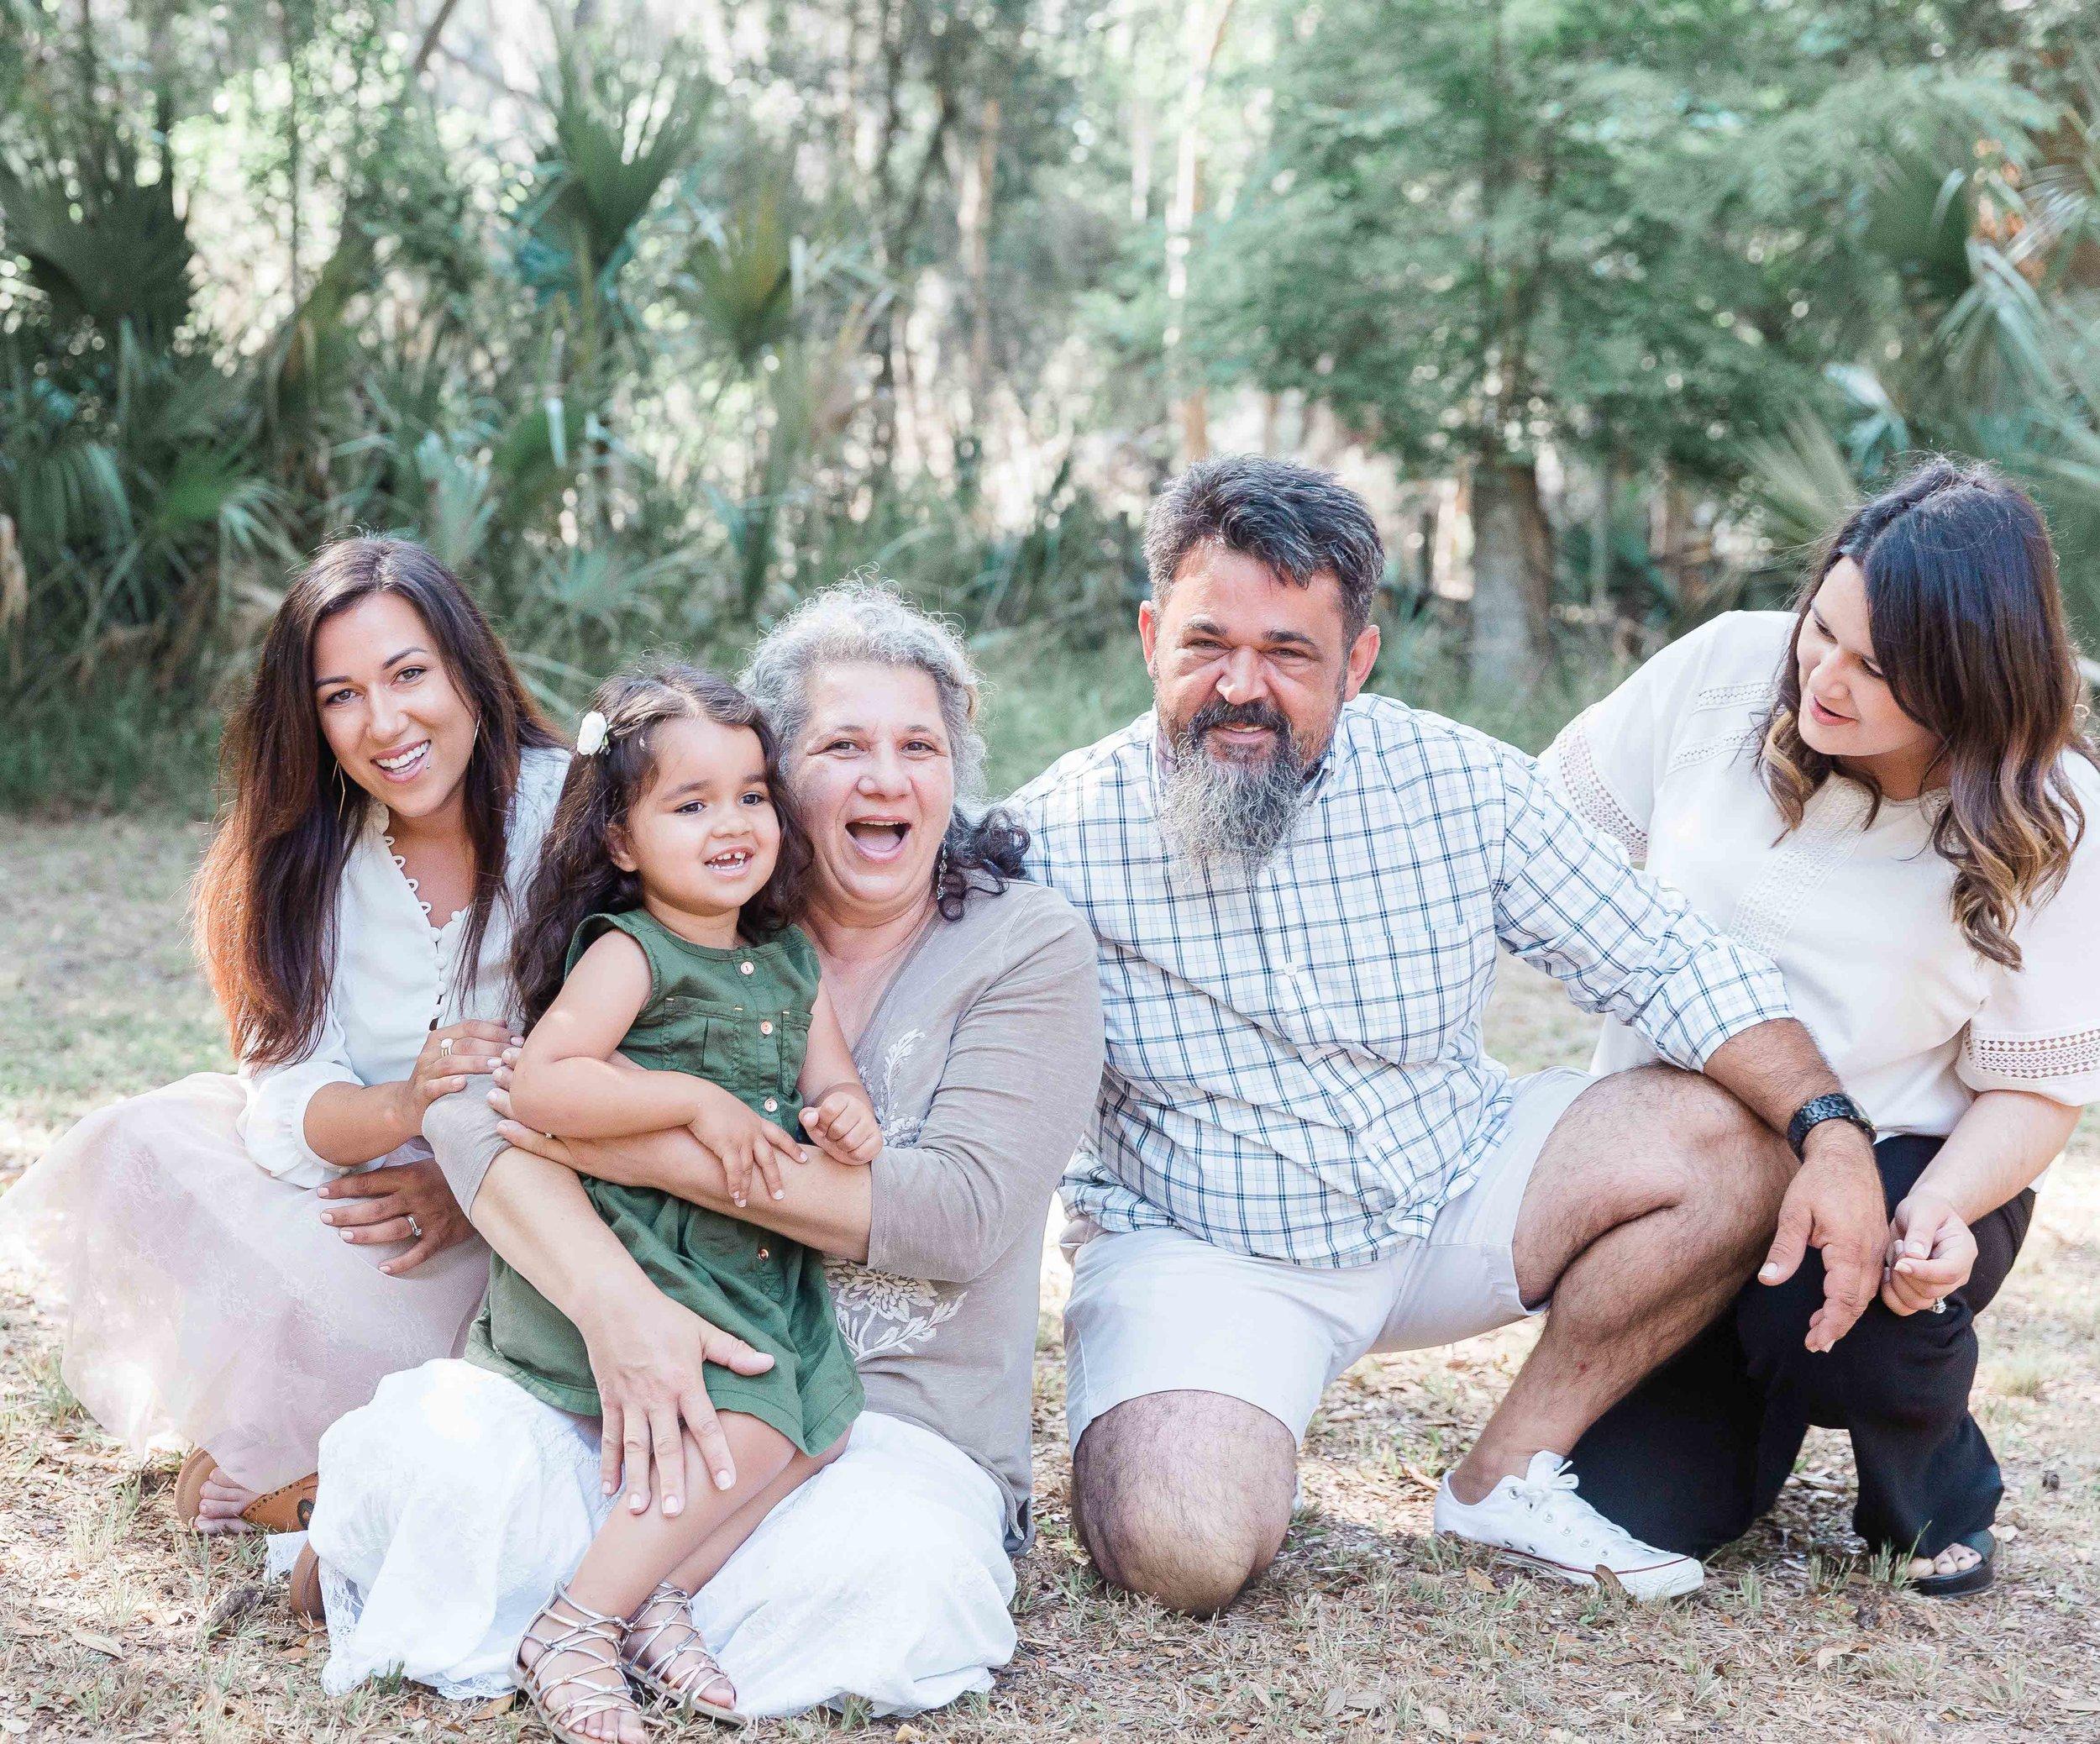 20190602Georgia-Wormsloe Plantation- Marija Jurado Fmaily Mothers day25.jpg